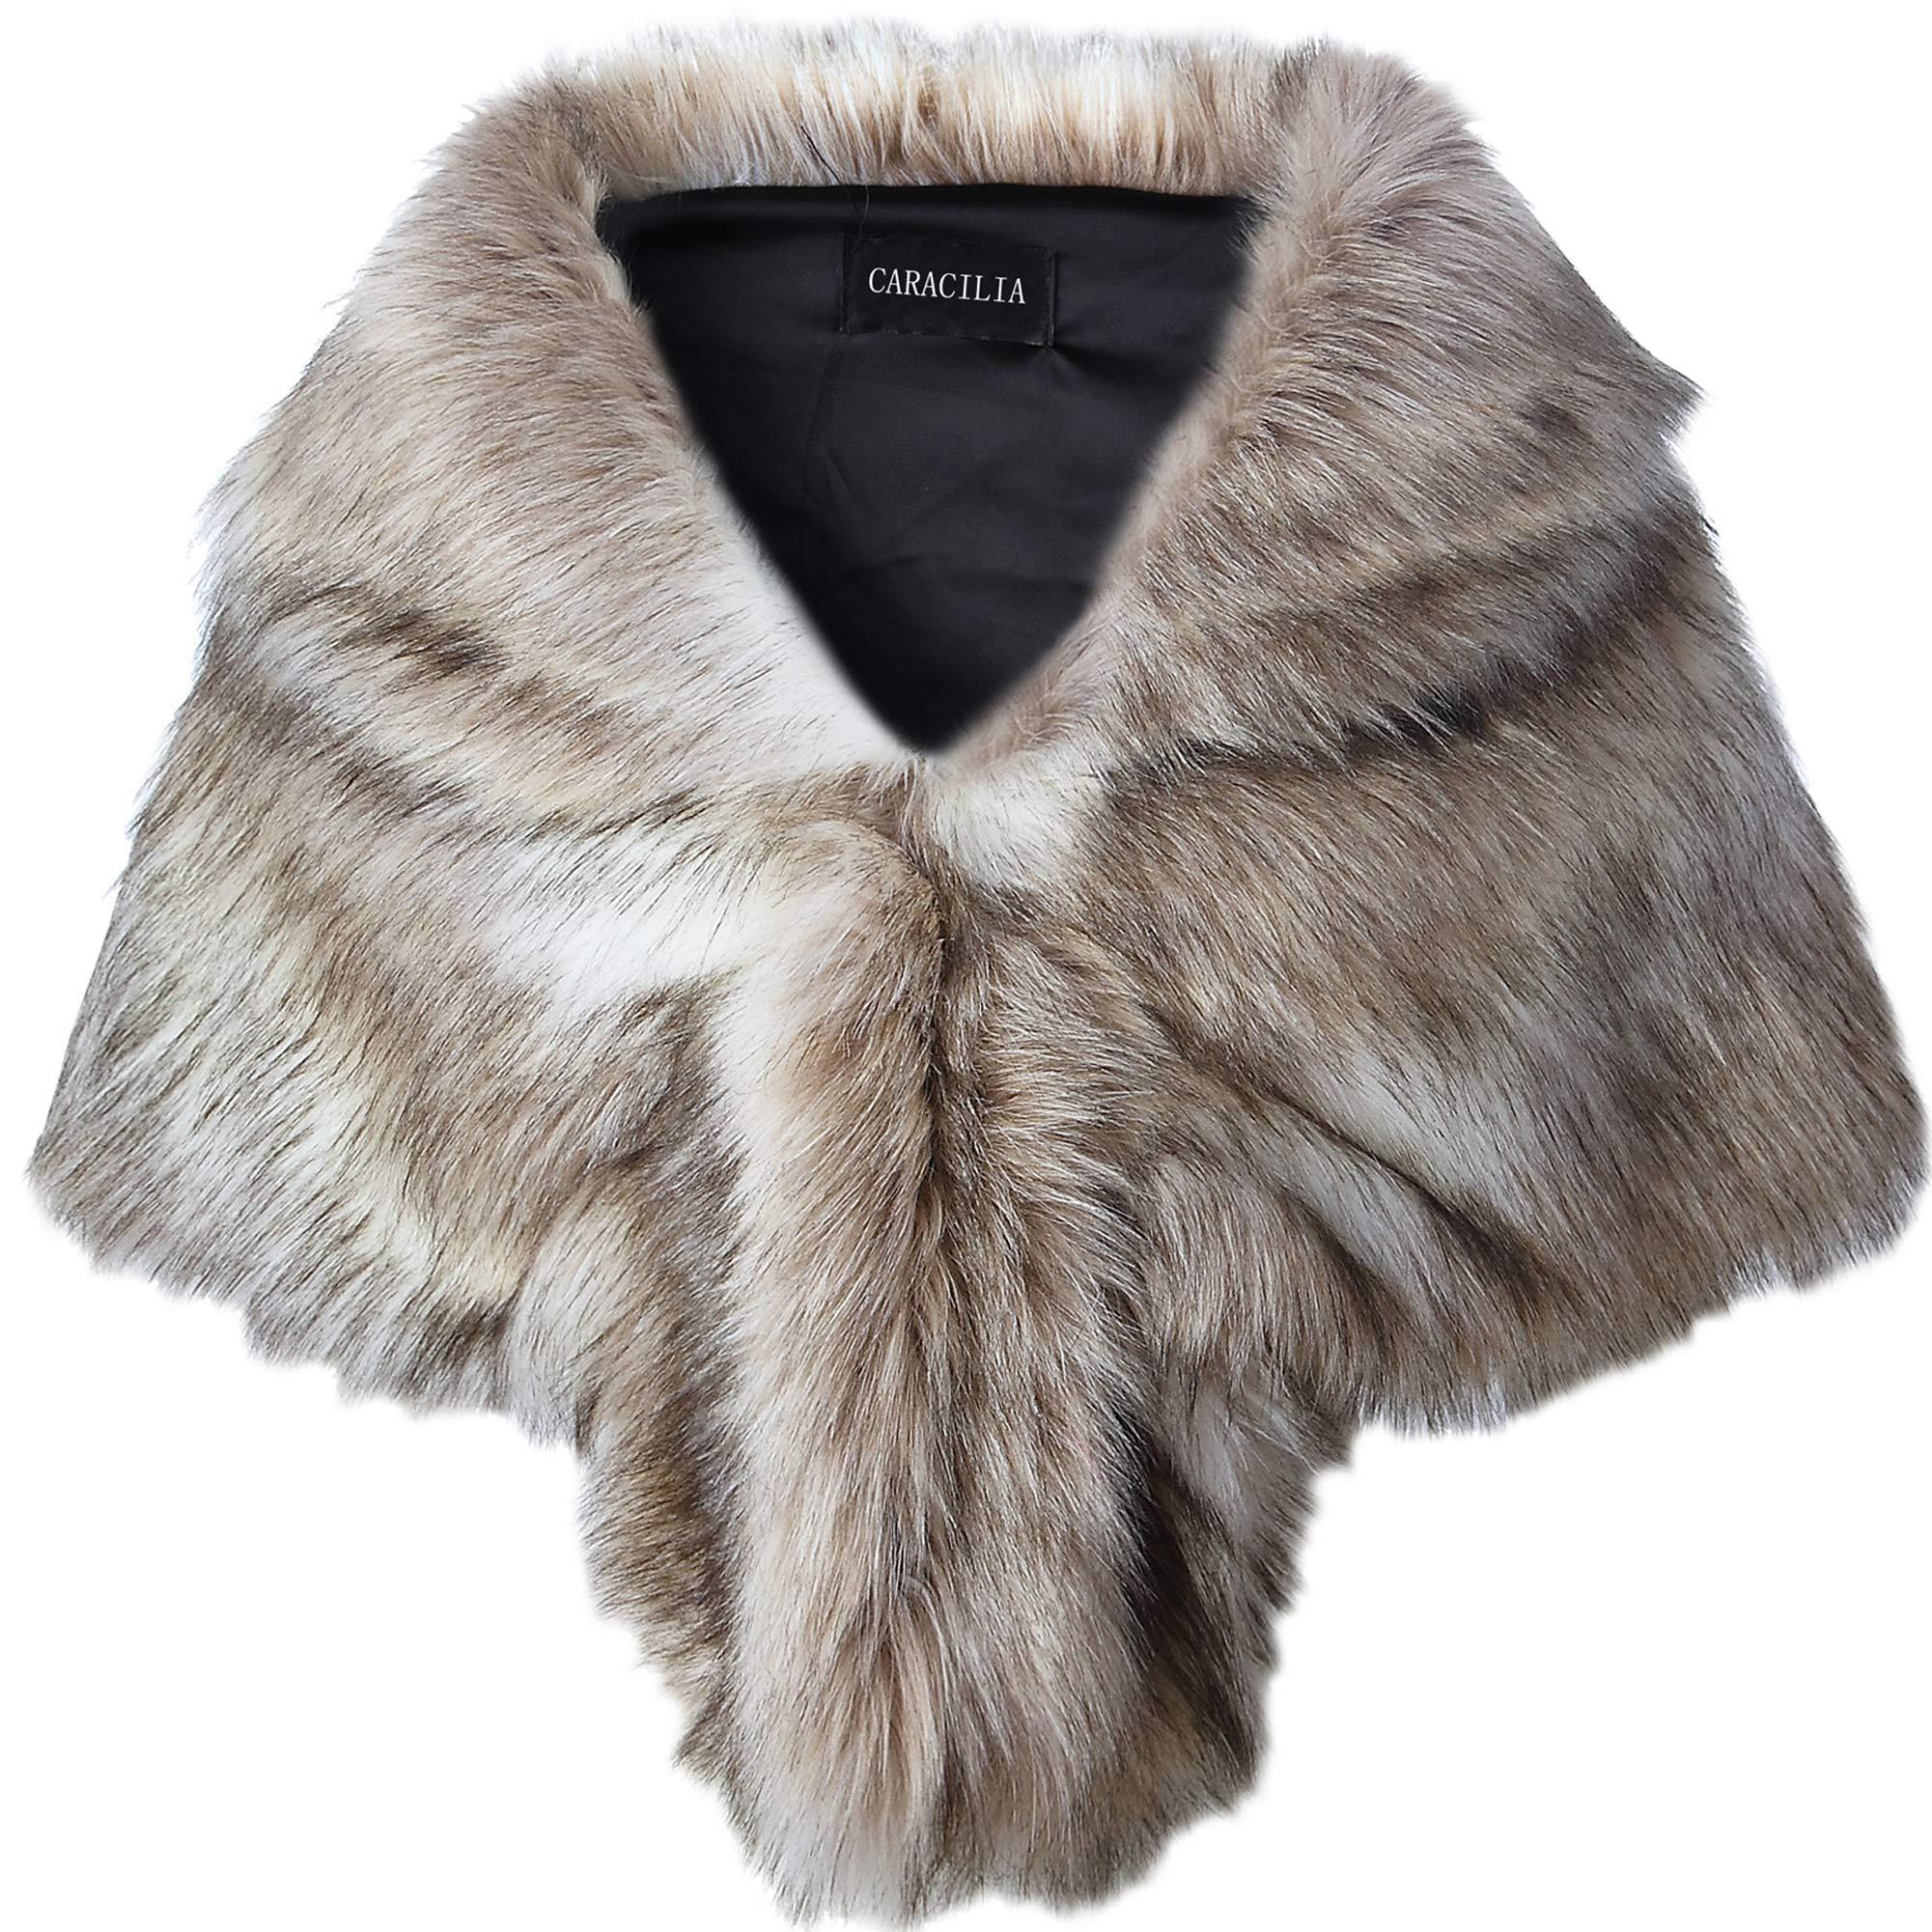 Caracilia Faux Fur Shawl Wrap Stole Shrug Winter Bridal Wedding Wrap FoxFur L CA95,  Fox White / Brown by Caracilia